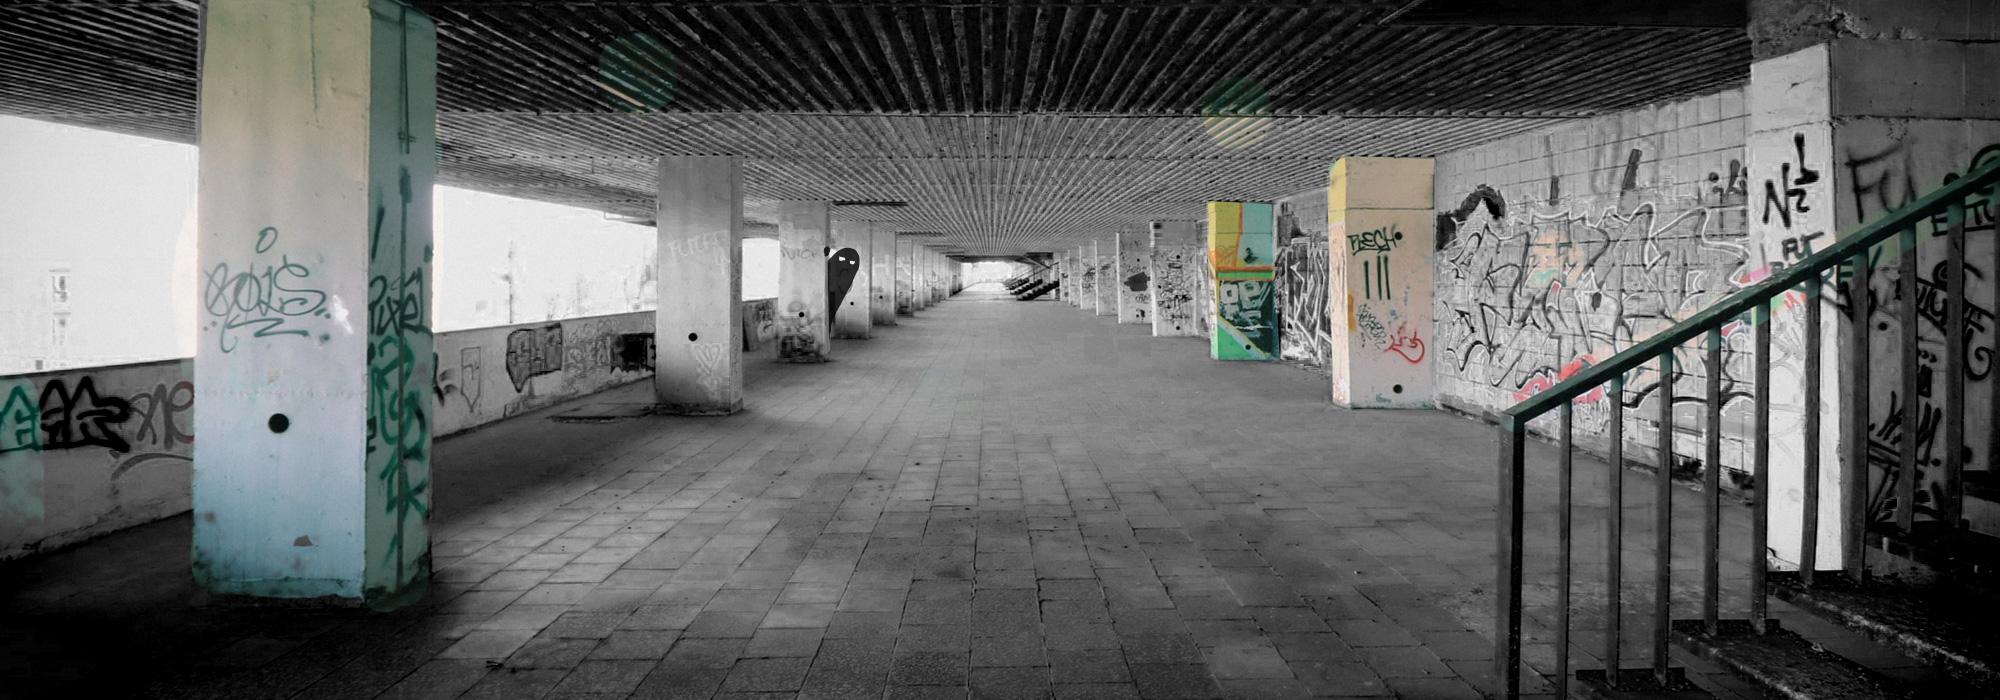 Espacios urbanos poco vigilados